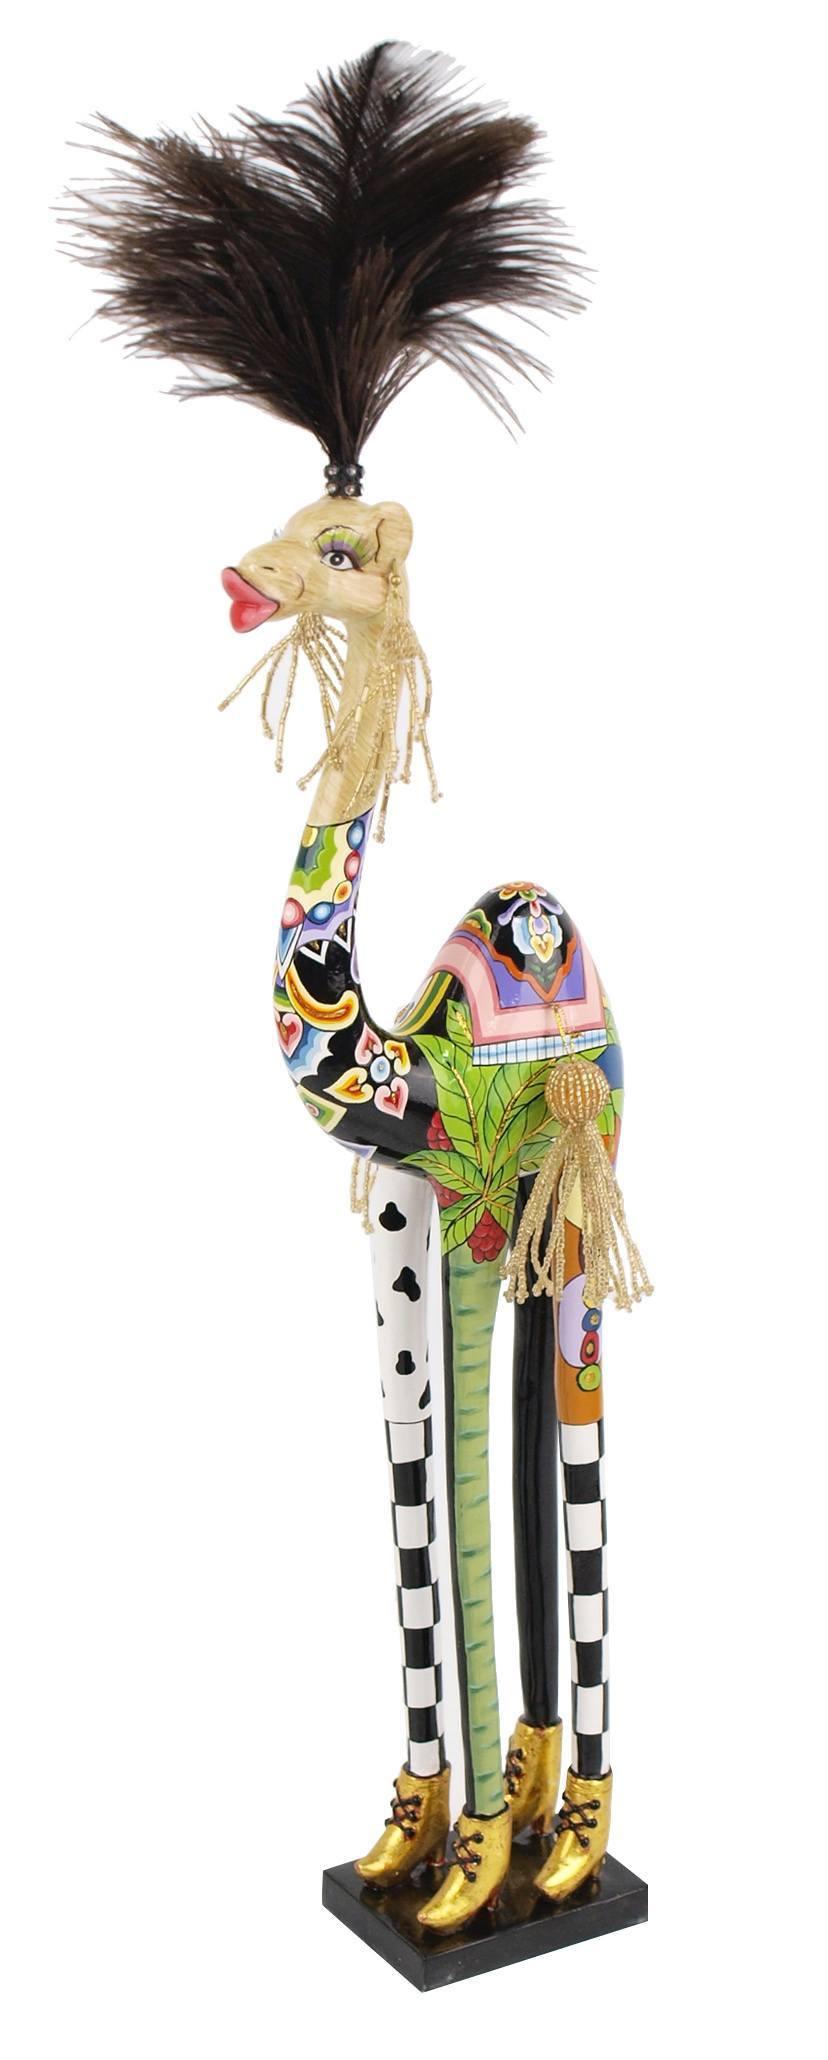 Toms Drag Camel Figure Laila L 3749 Online Shop